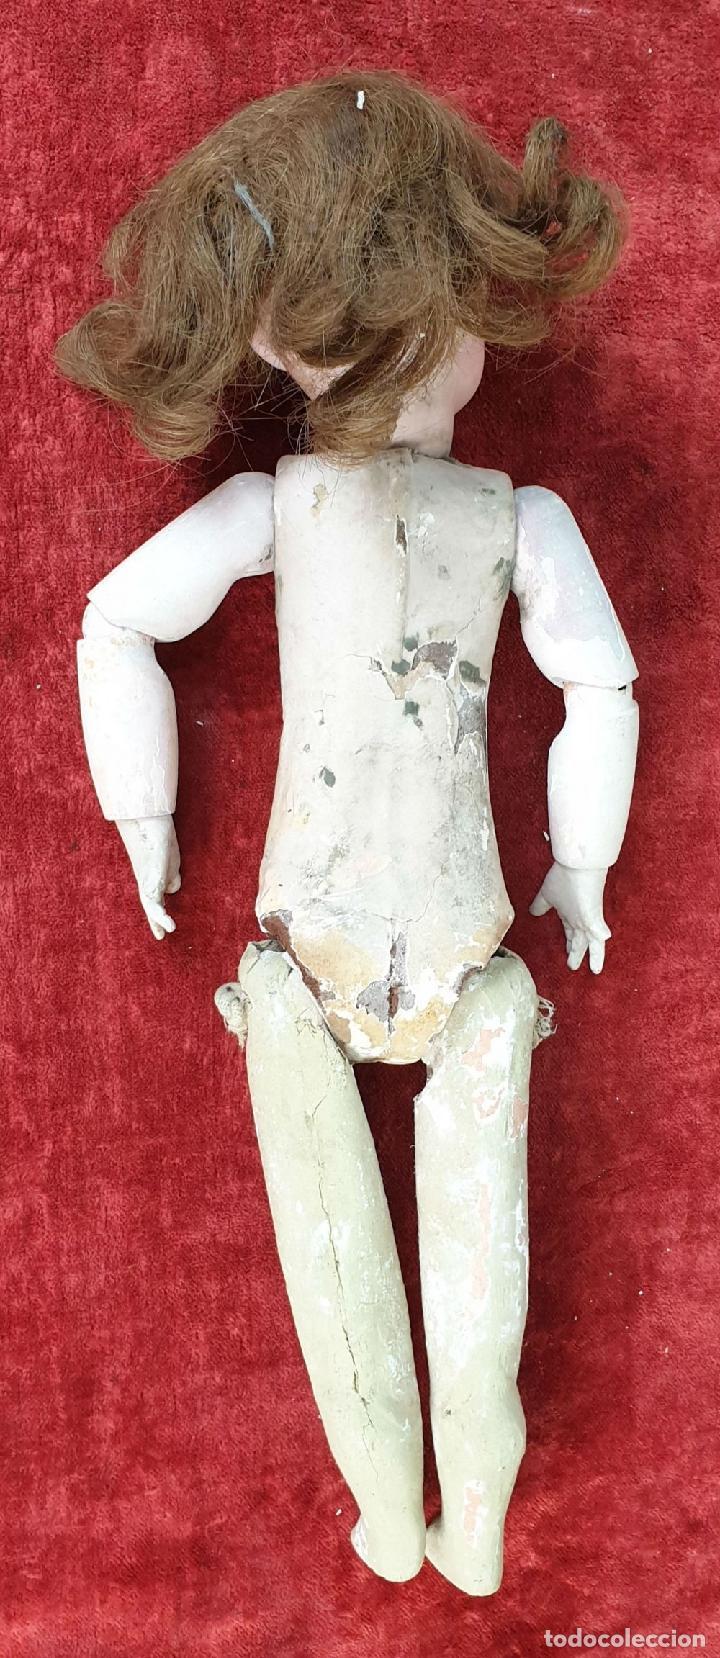 Muñecas Composición: MUÑECA CON CABEZA DE PORCELANA. AICH MENZEL. EDUARDO JUAN. AUSTRIA. CIRCA 1920. - Foto 15 - 168800064